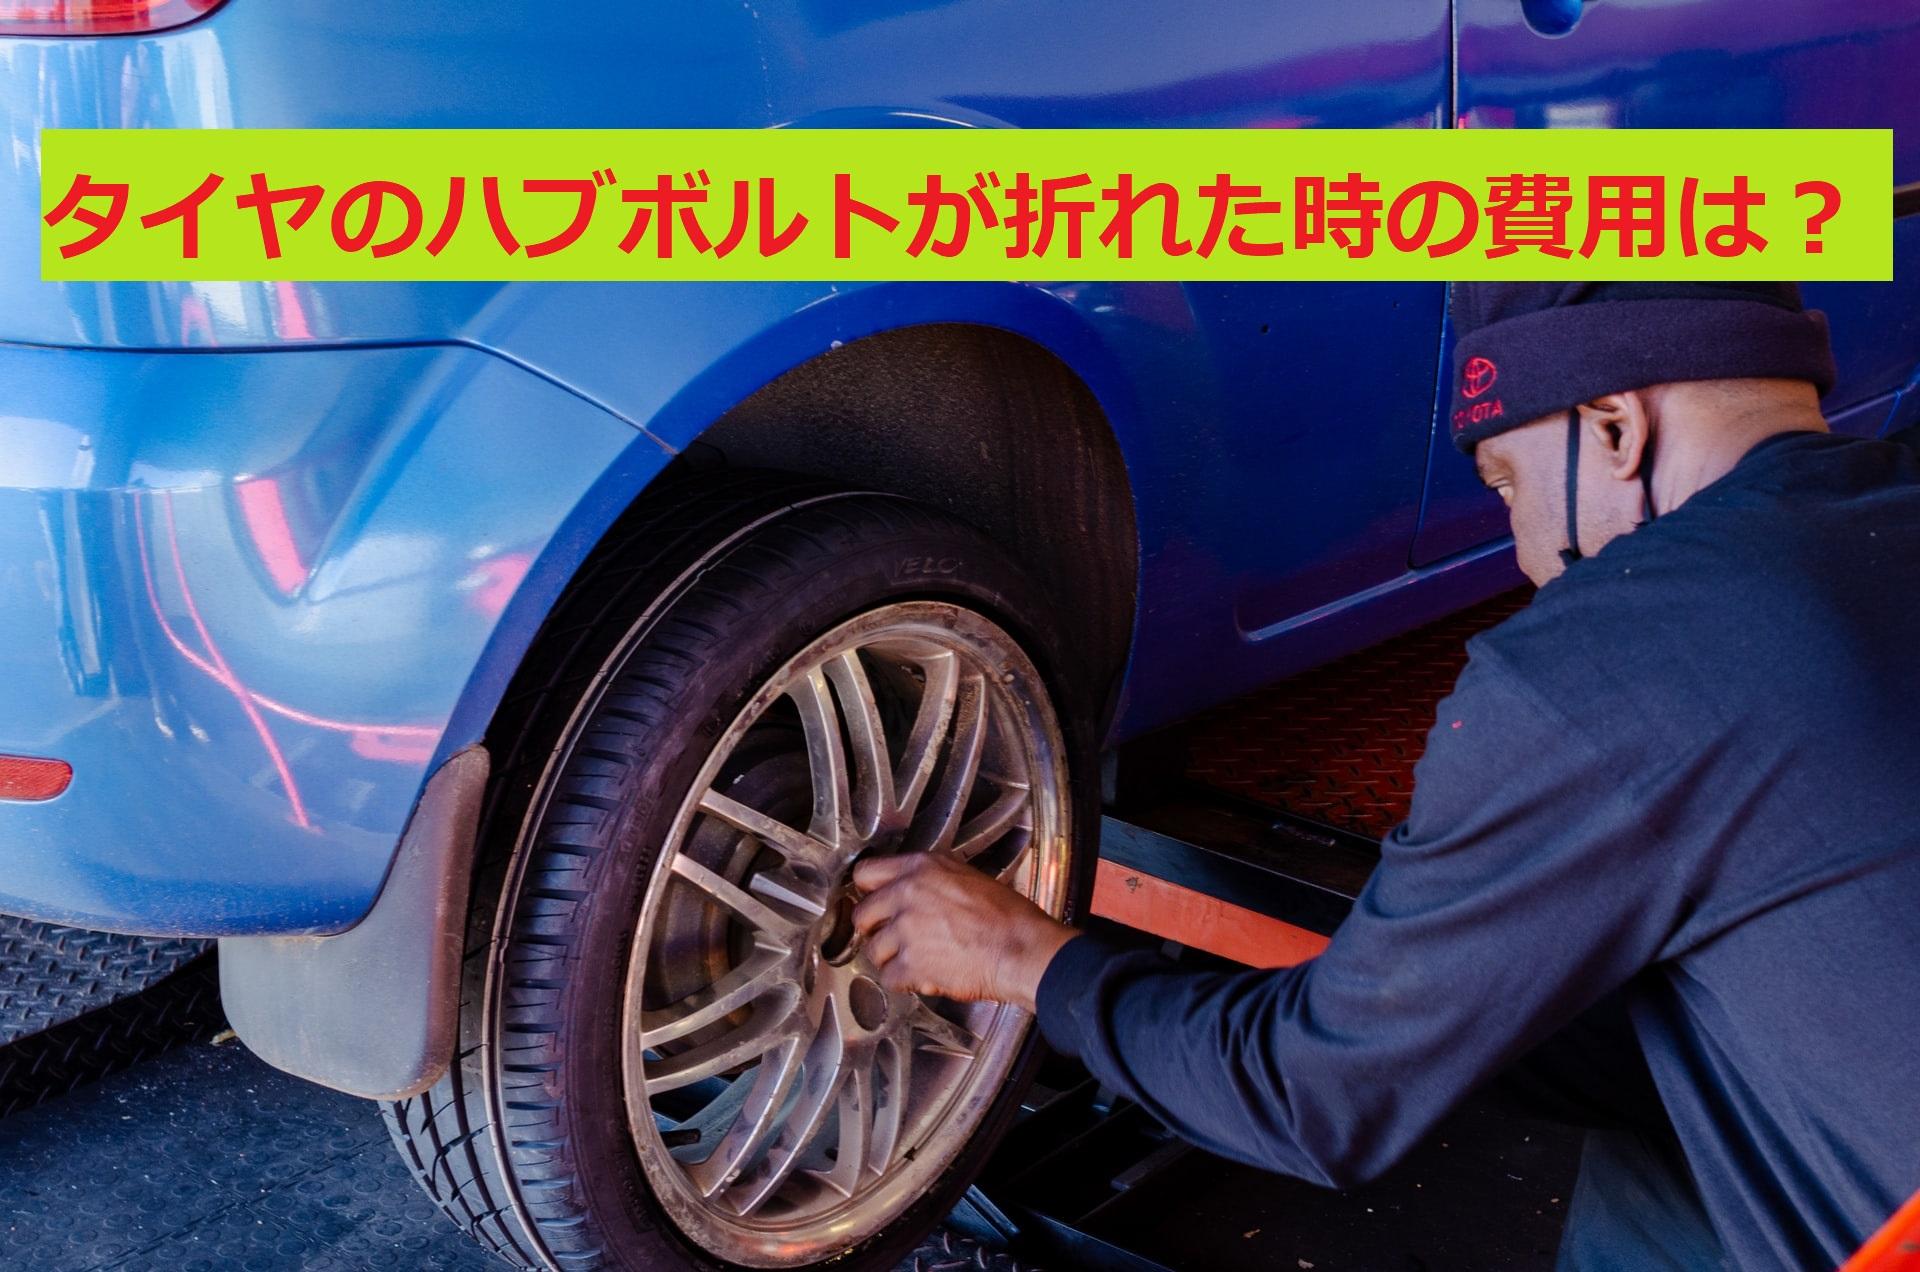 【値段・交換工賃】タイヤのハブボルトが折れた時の費用は?【原因・走行への支障・ディーラー】